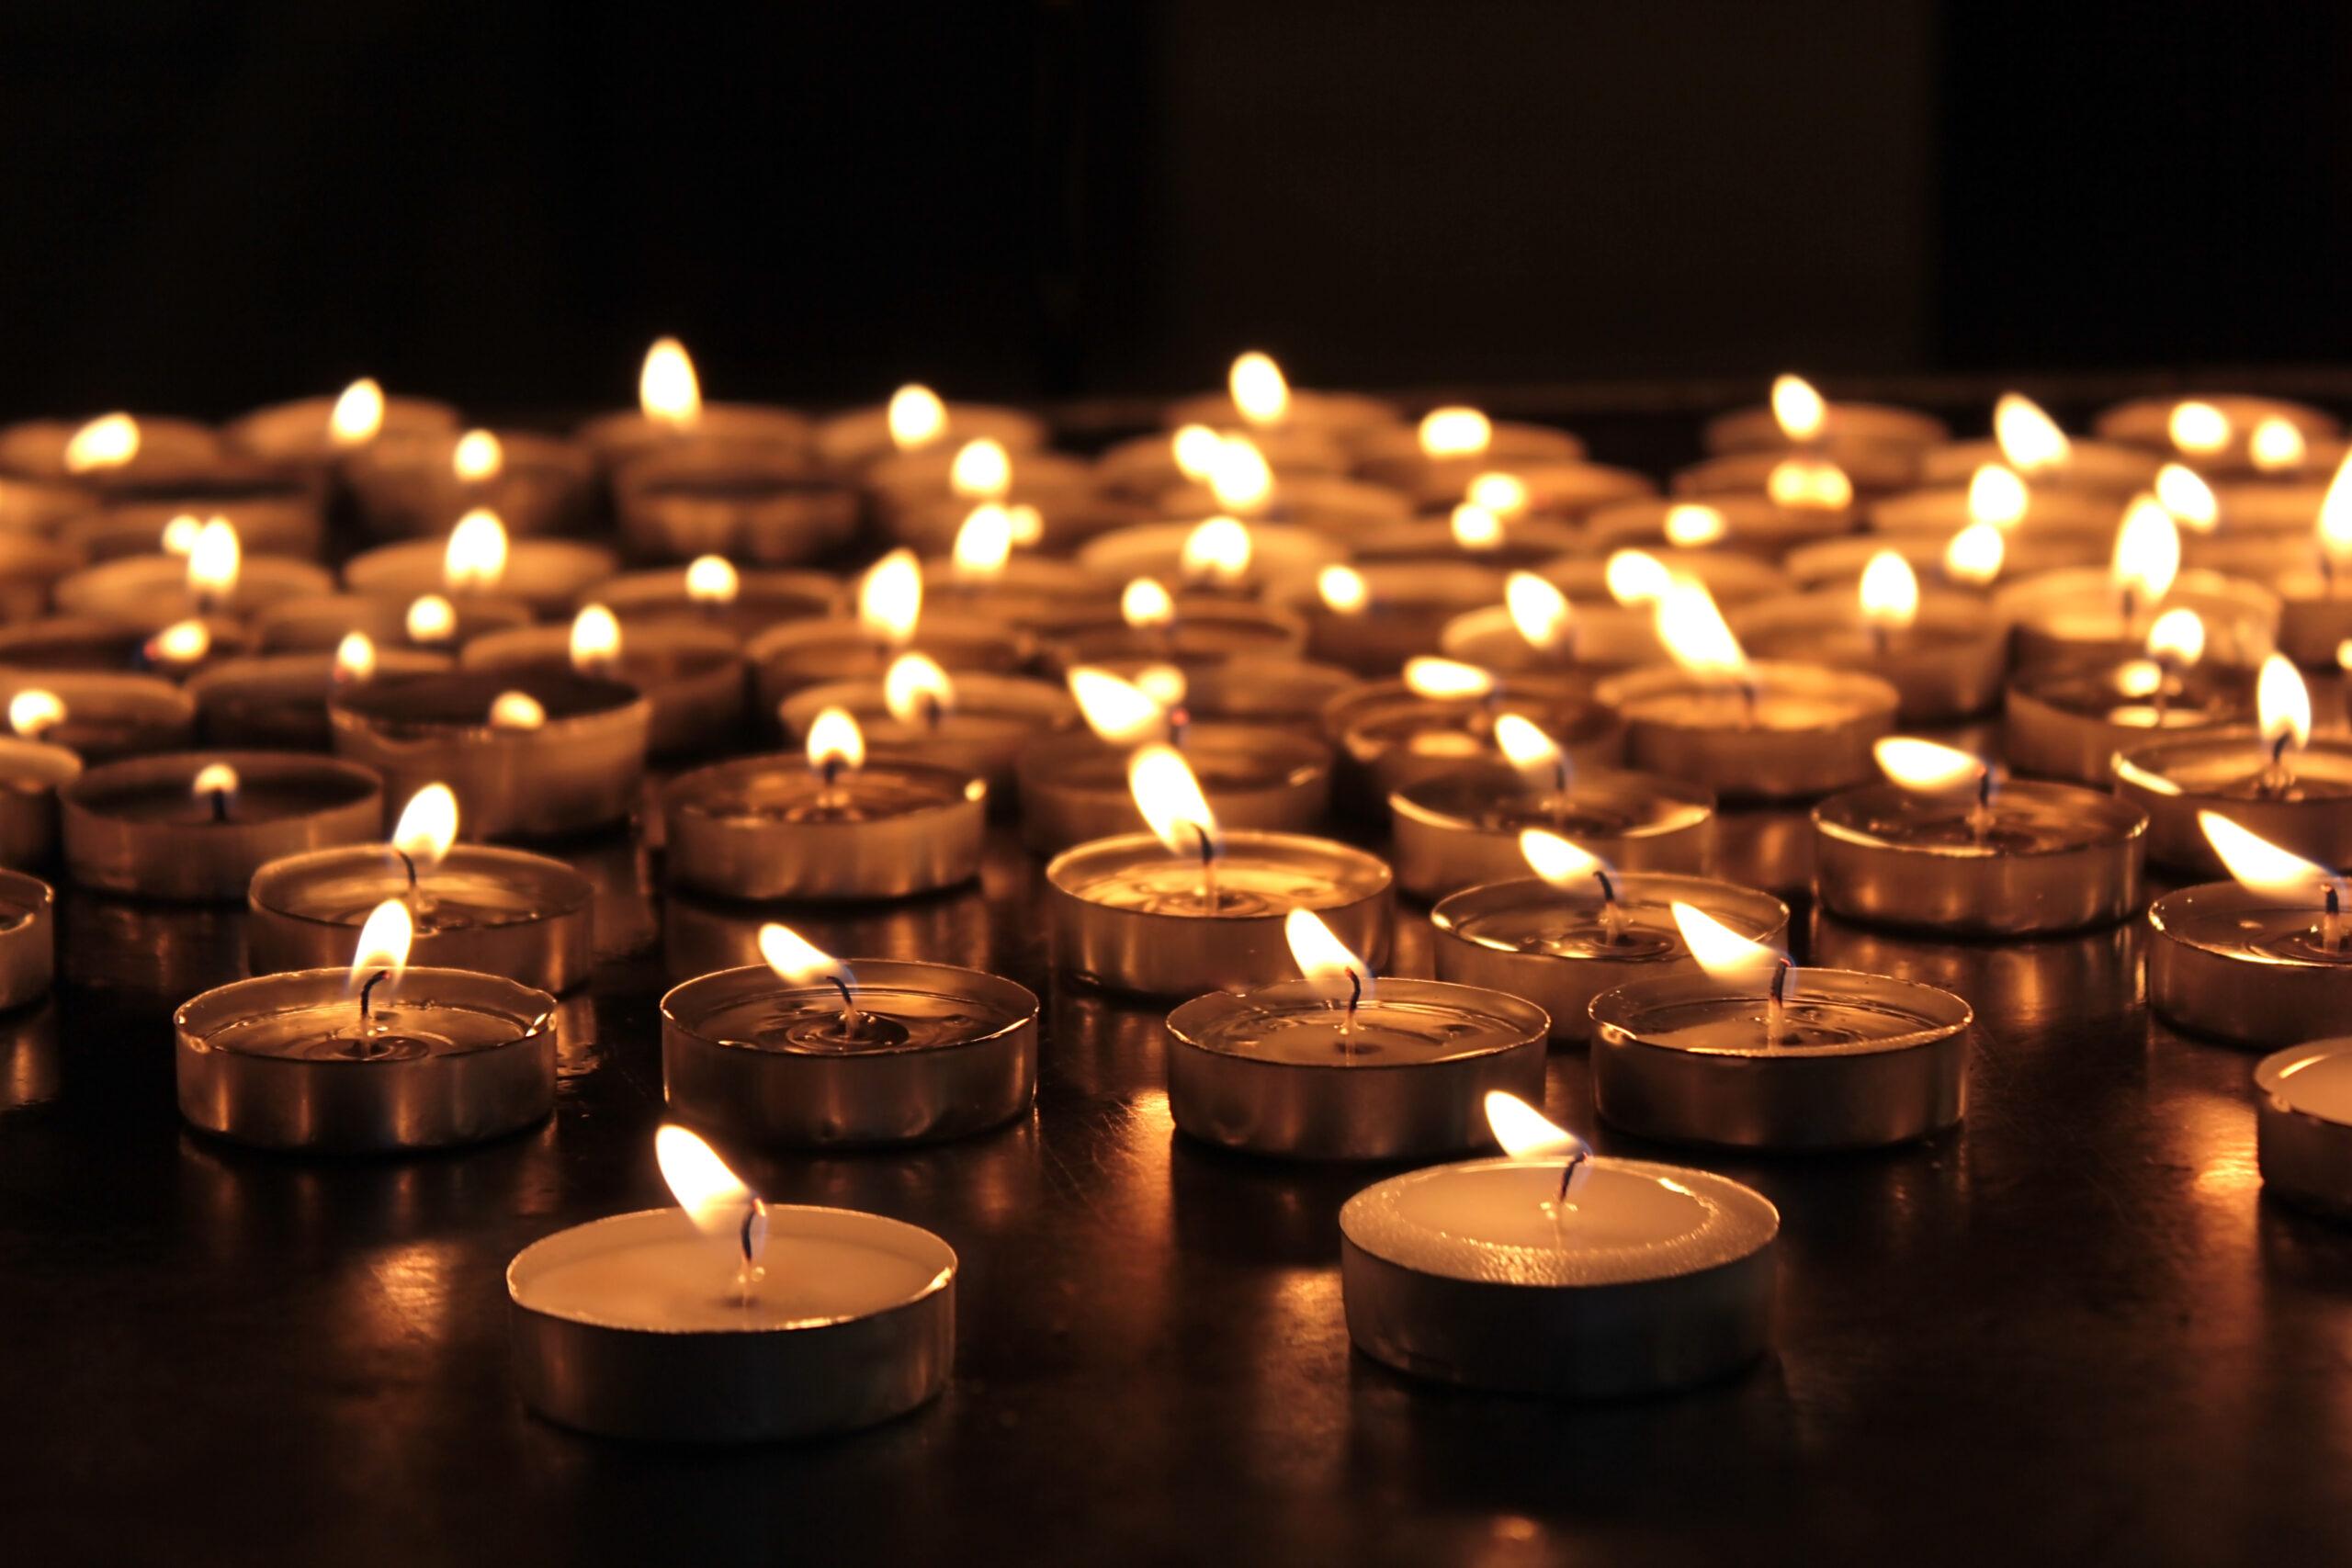 Holokauszt emléknap: emlékezni és megbecsülni